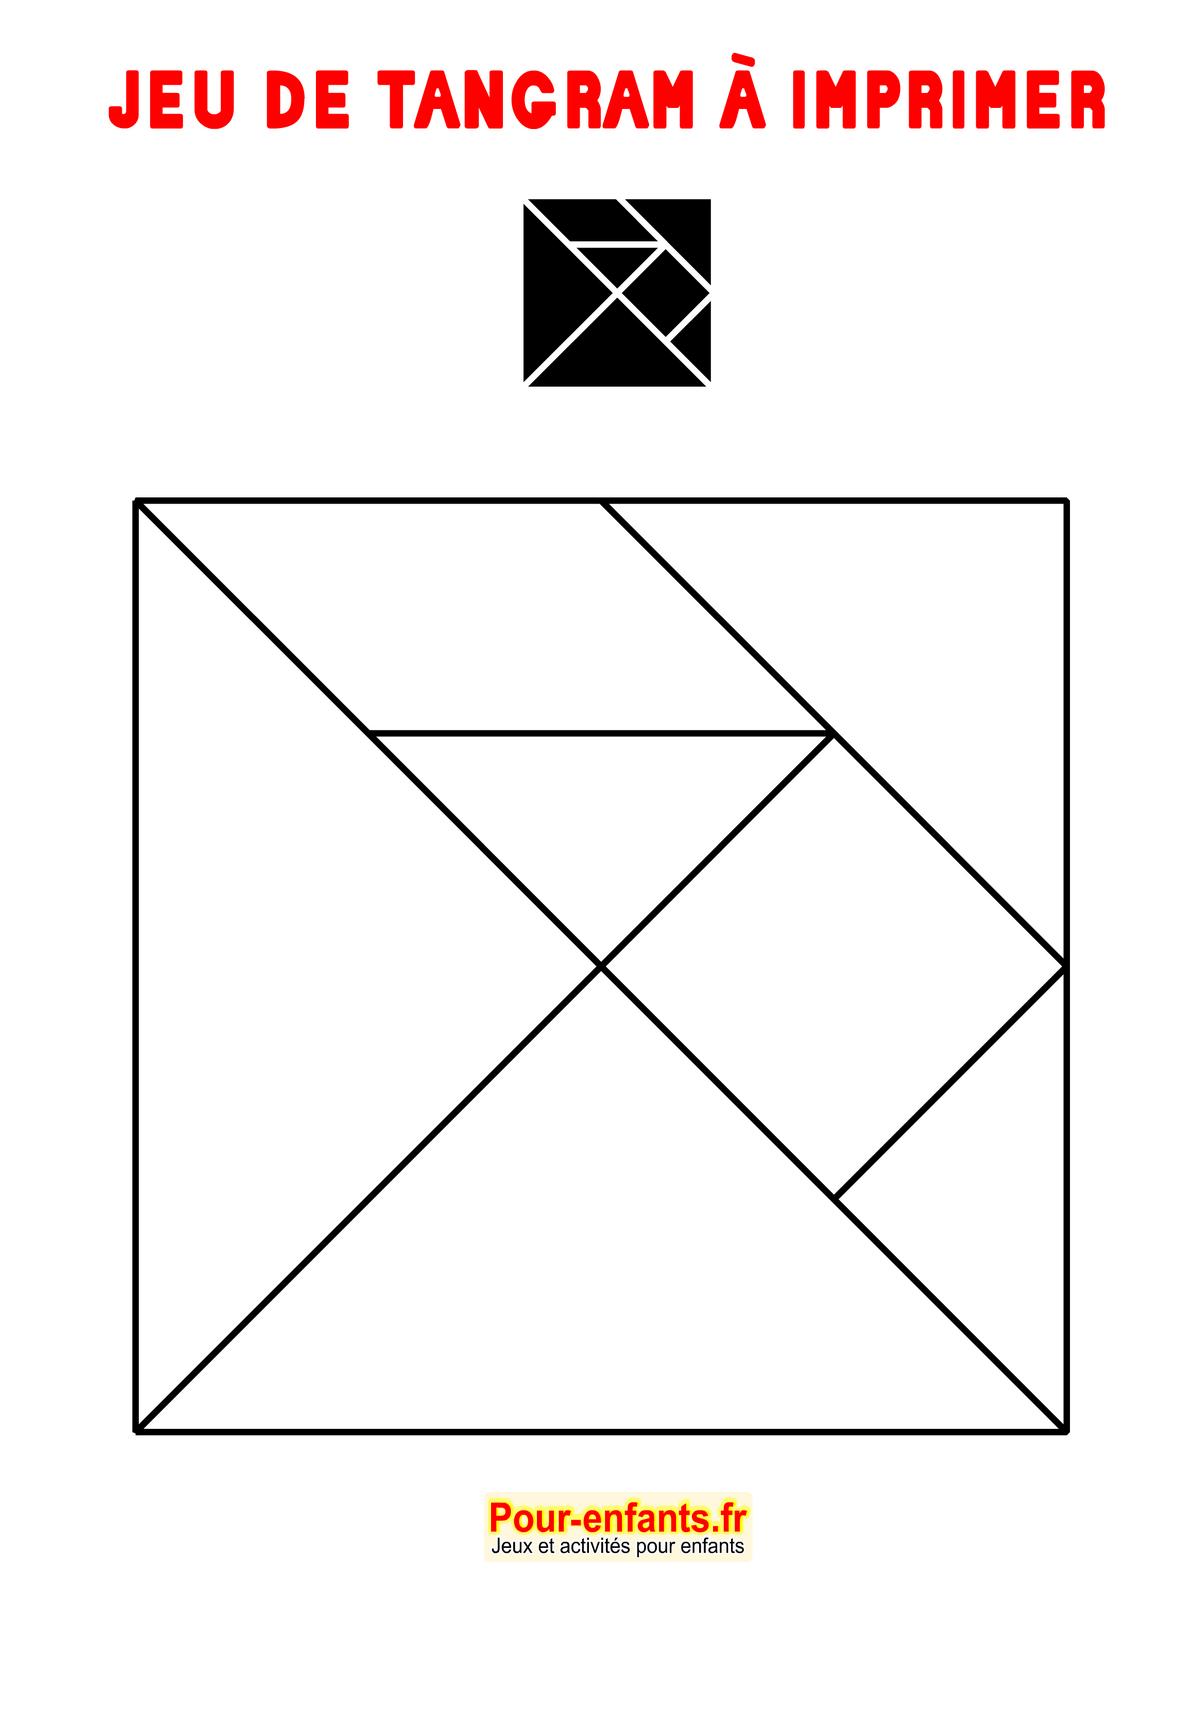 Tangram À Imprimer Maternelle Gratuit Jeux Tangrams tout Jeux Pedagogique Maternelle